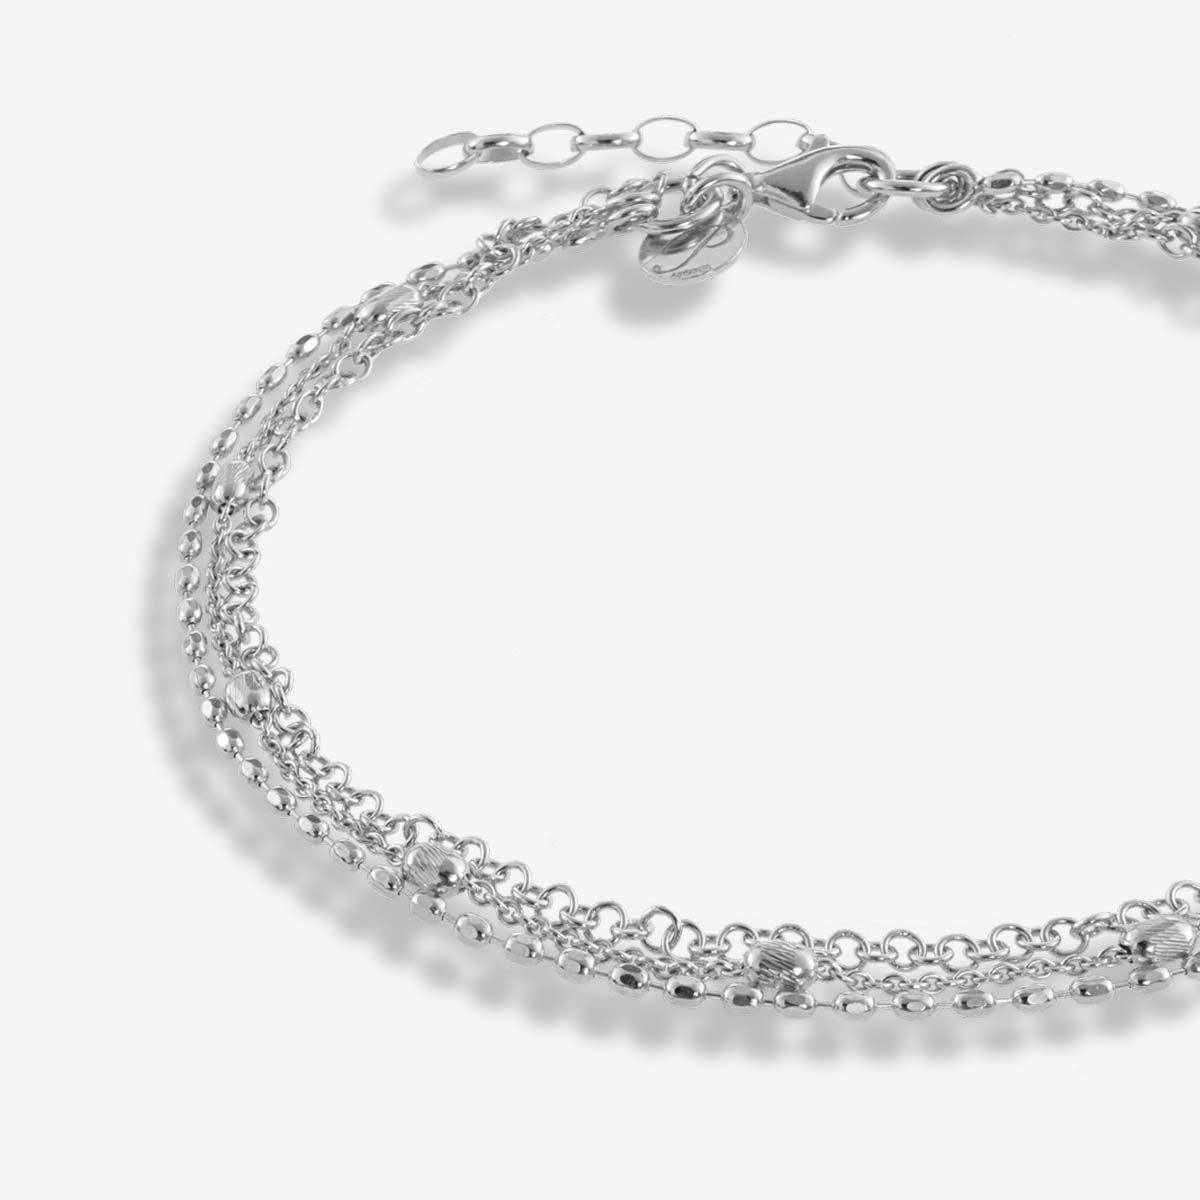 Lavia - Körperschmuck - Silber